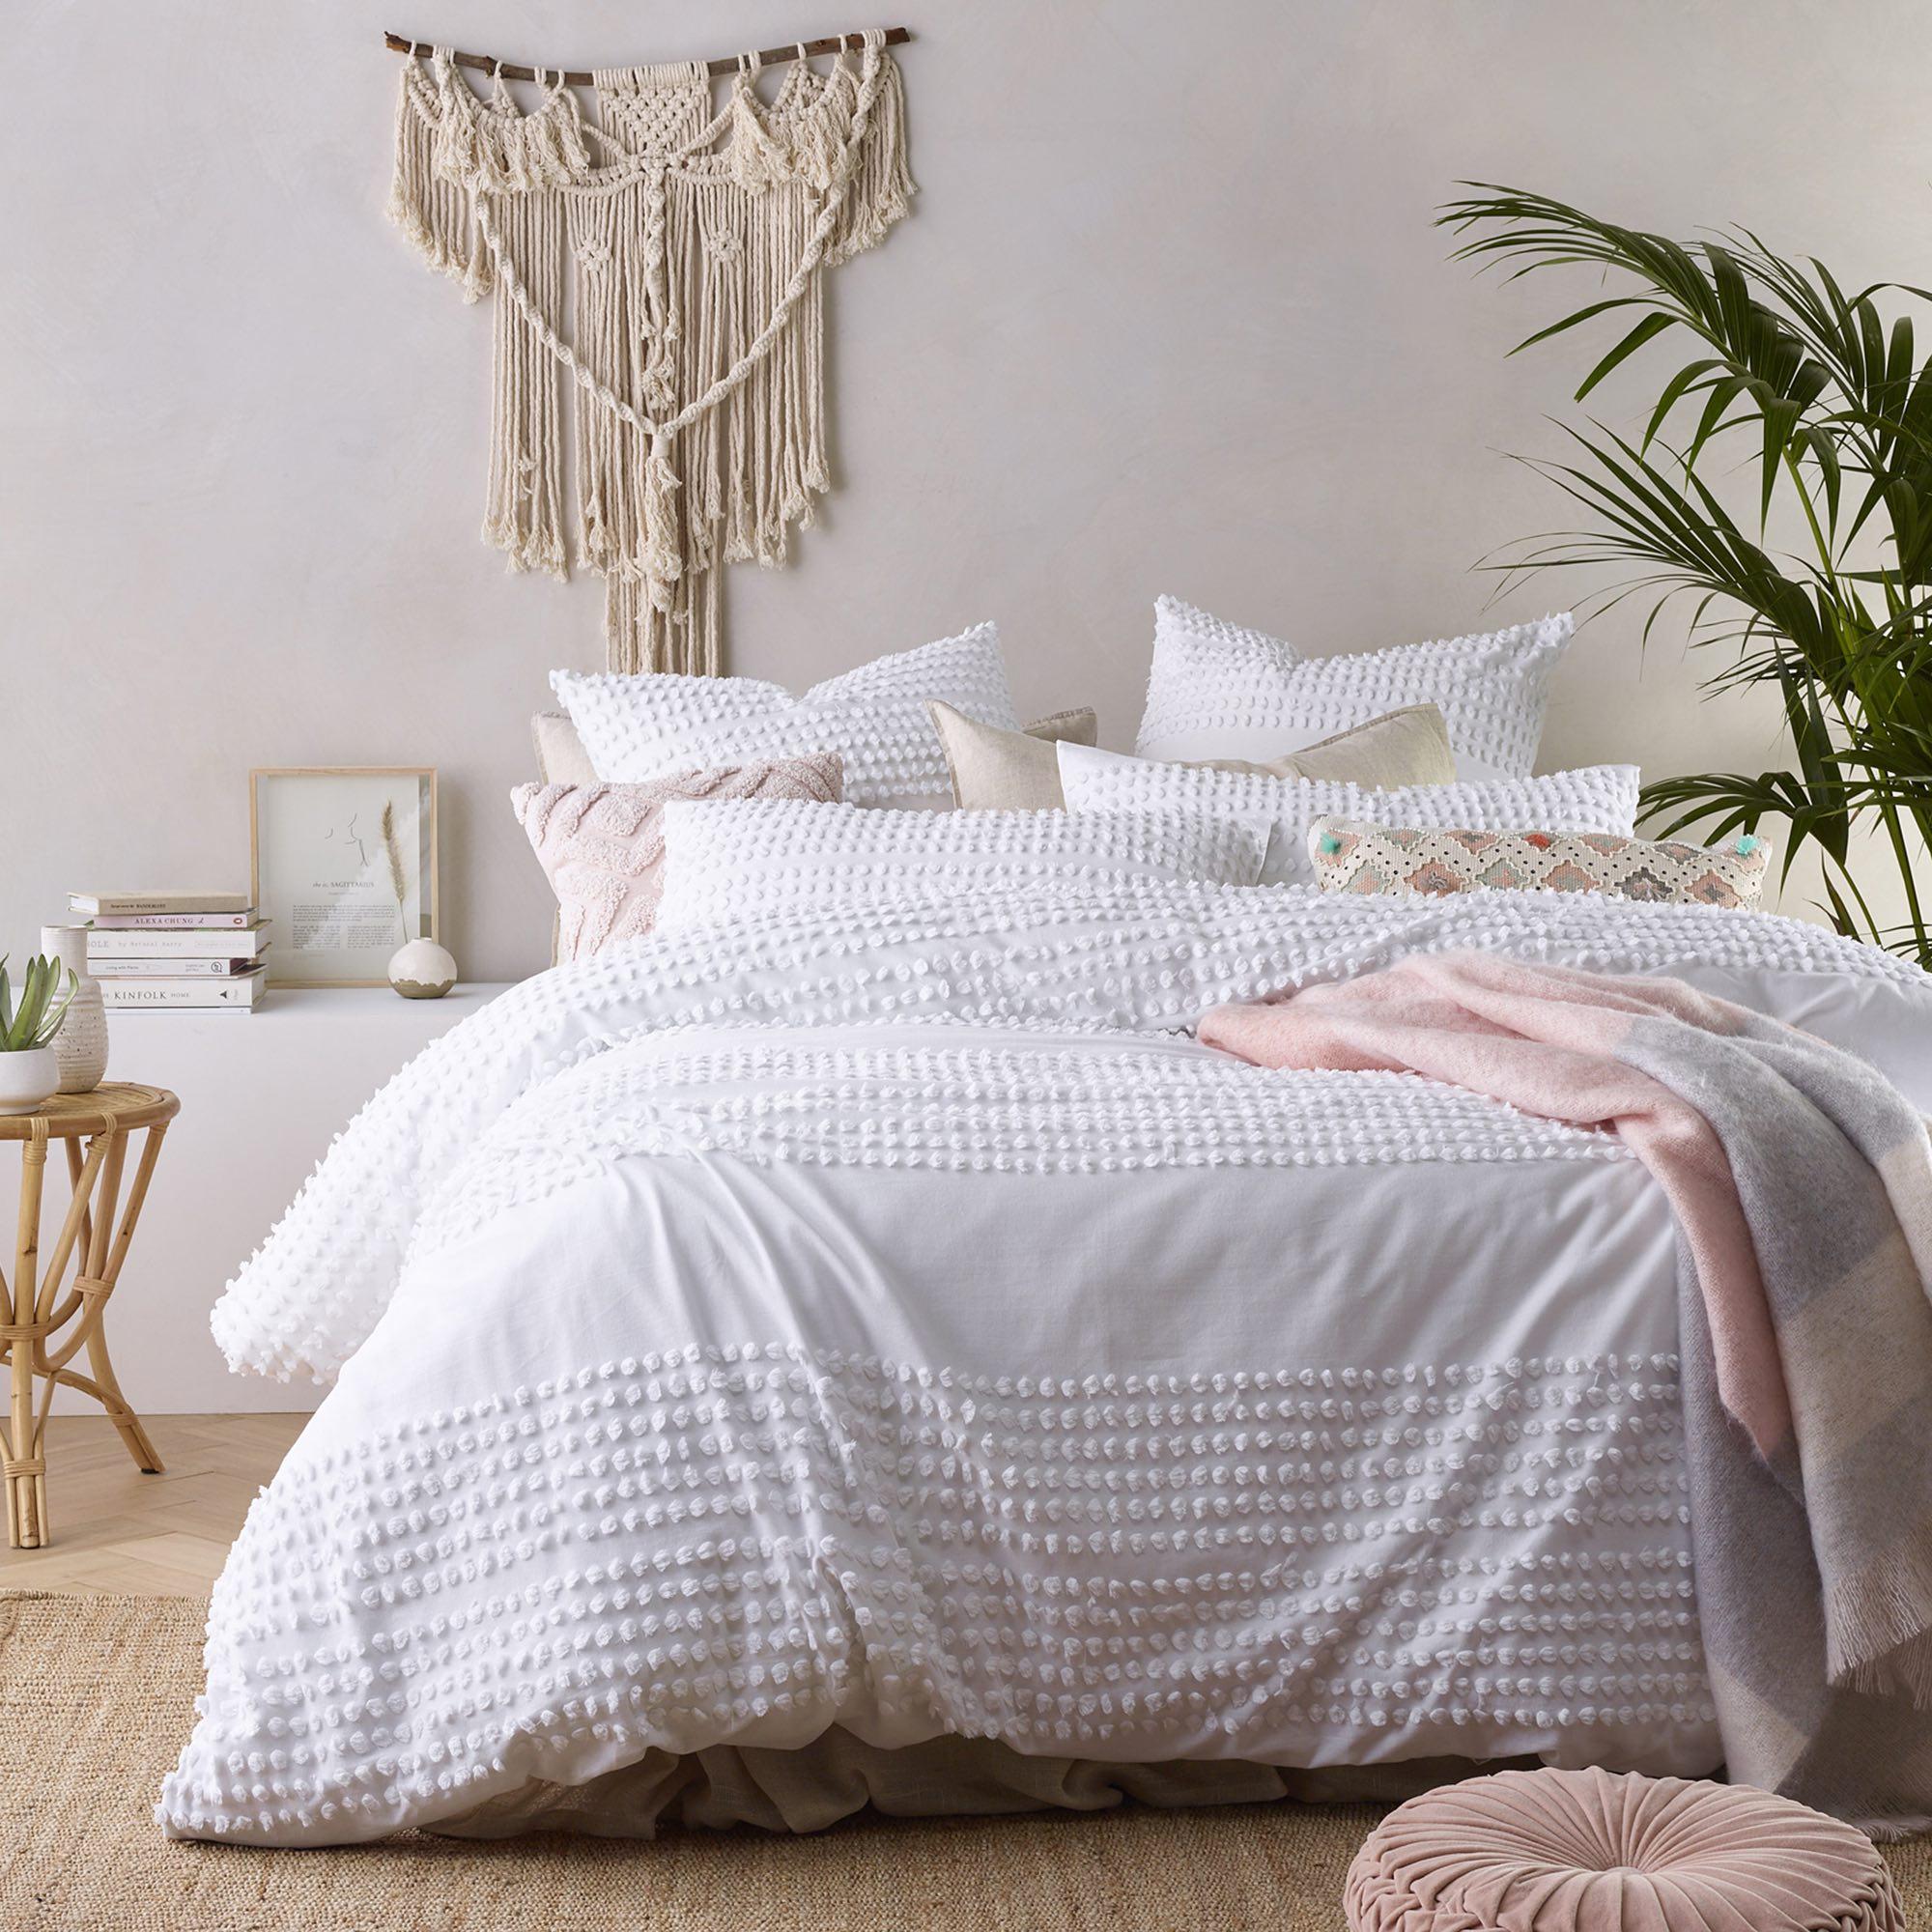 Macrame boho bedroom art